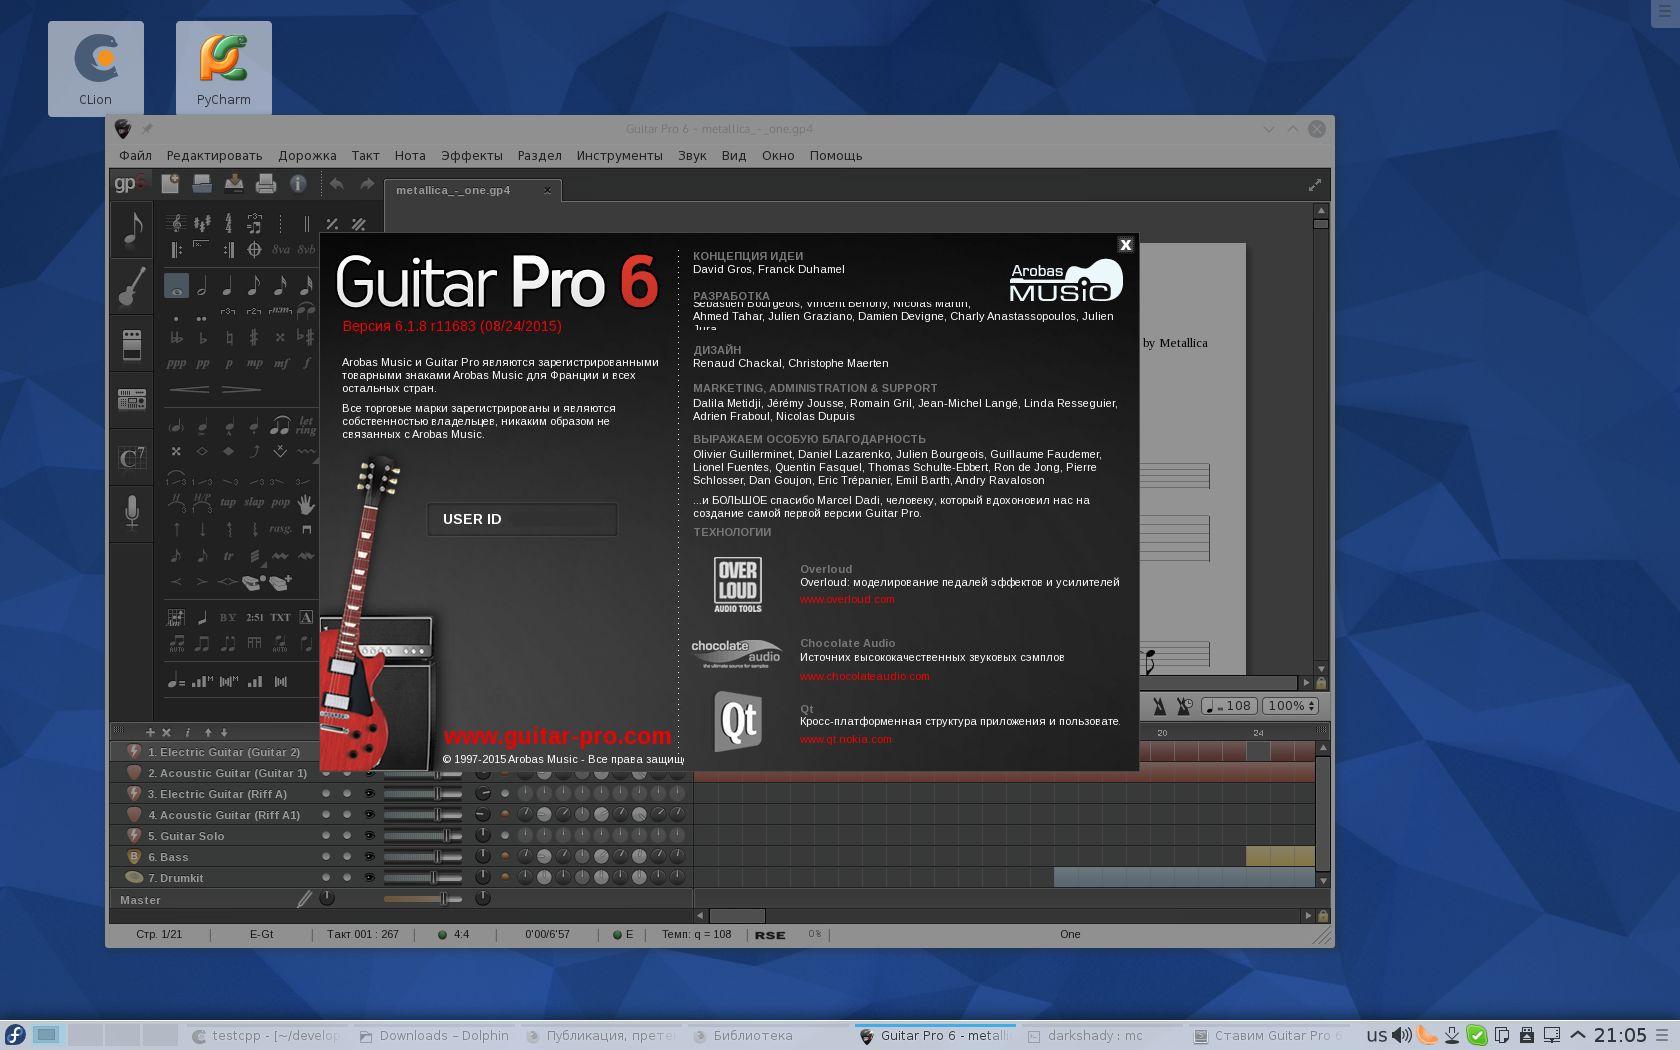 Ставим GuitarPro 6 на Fedora Linux 22 - 2